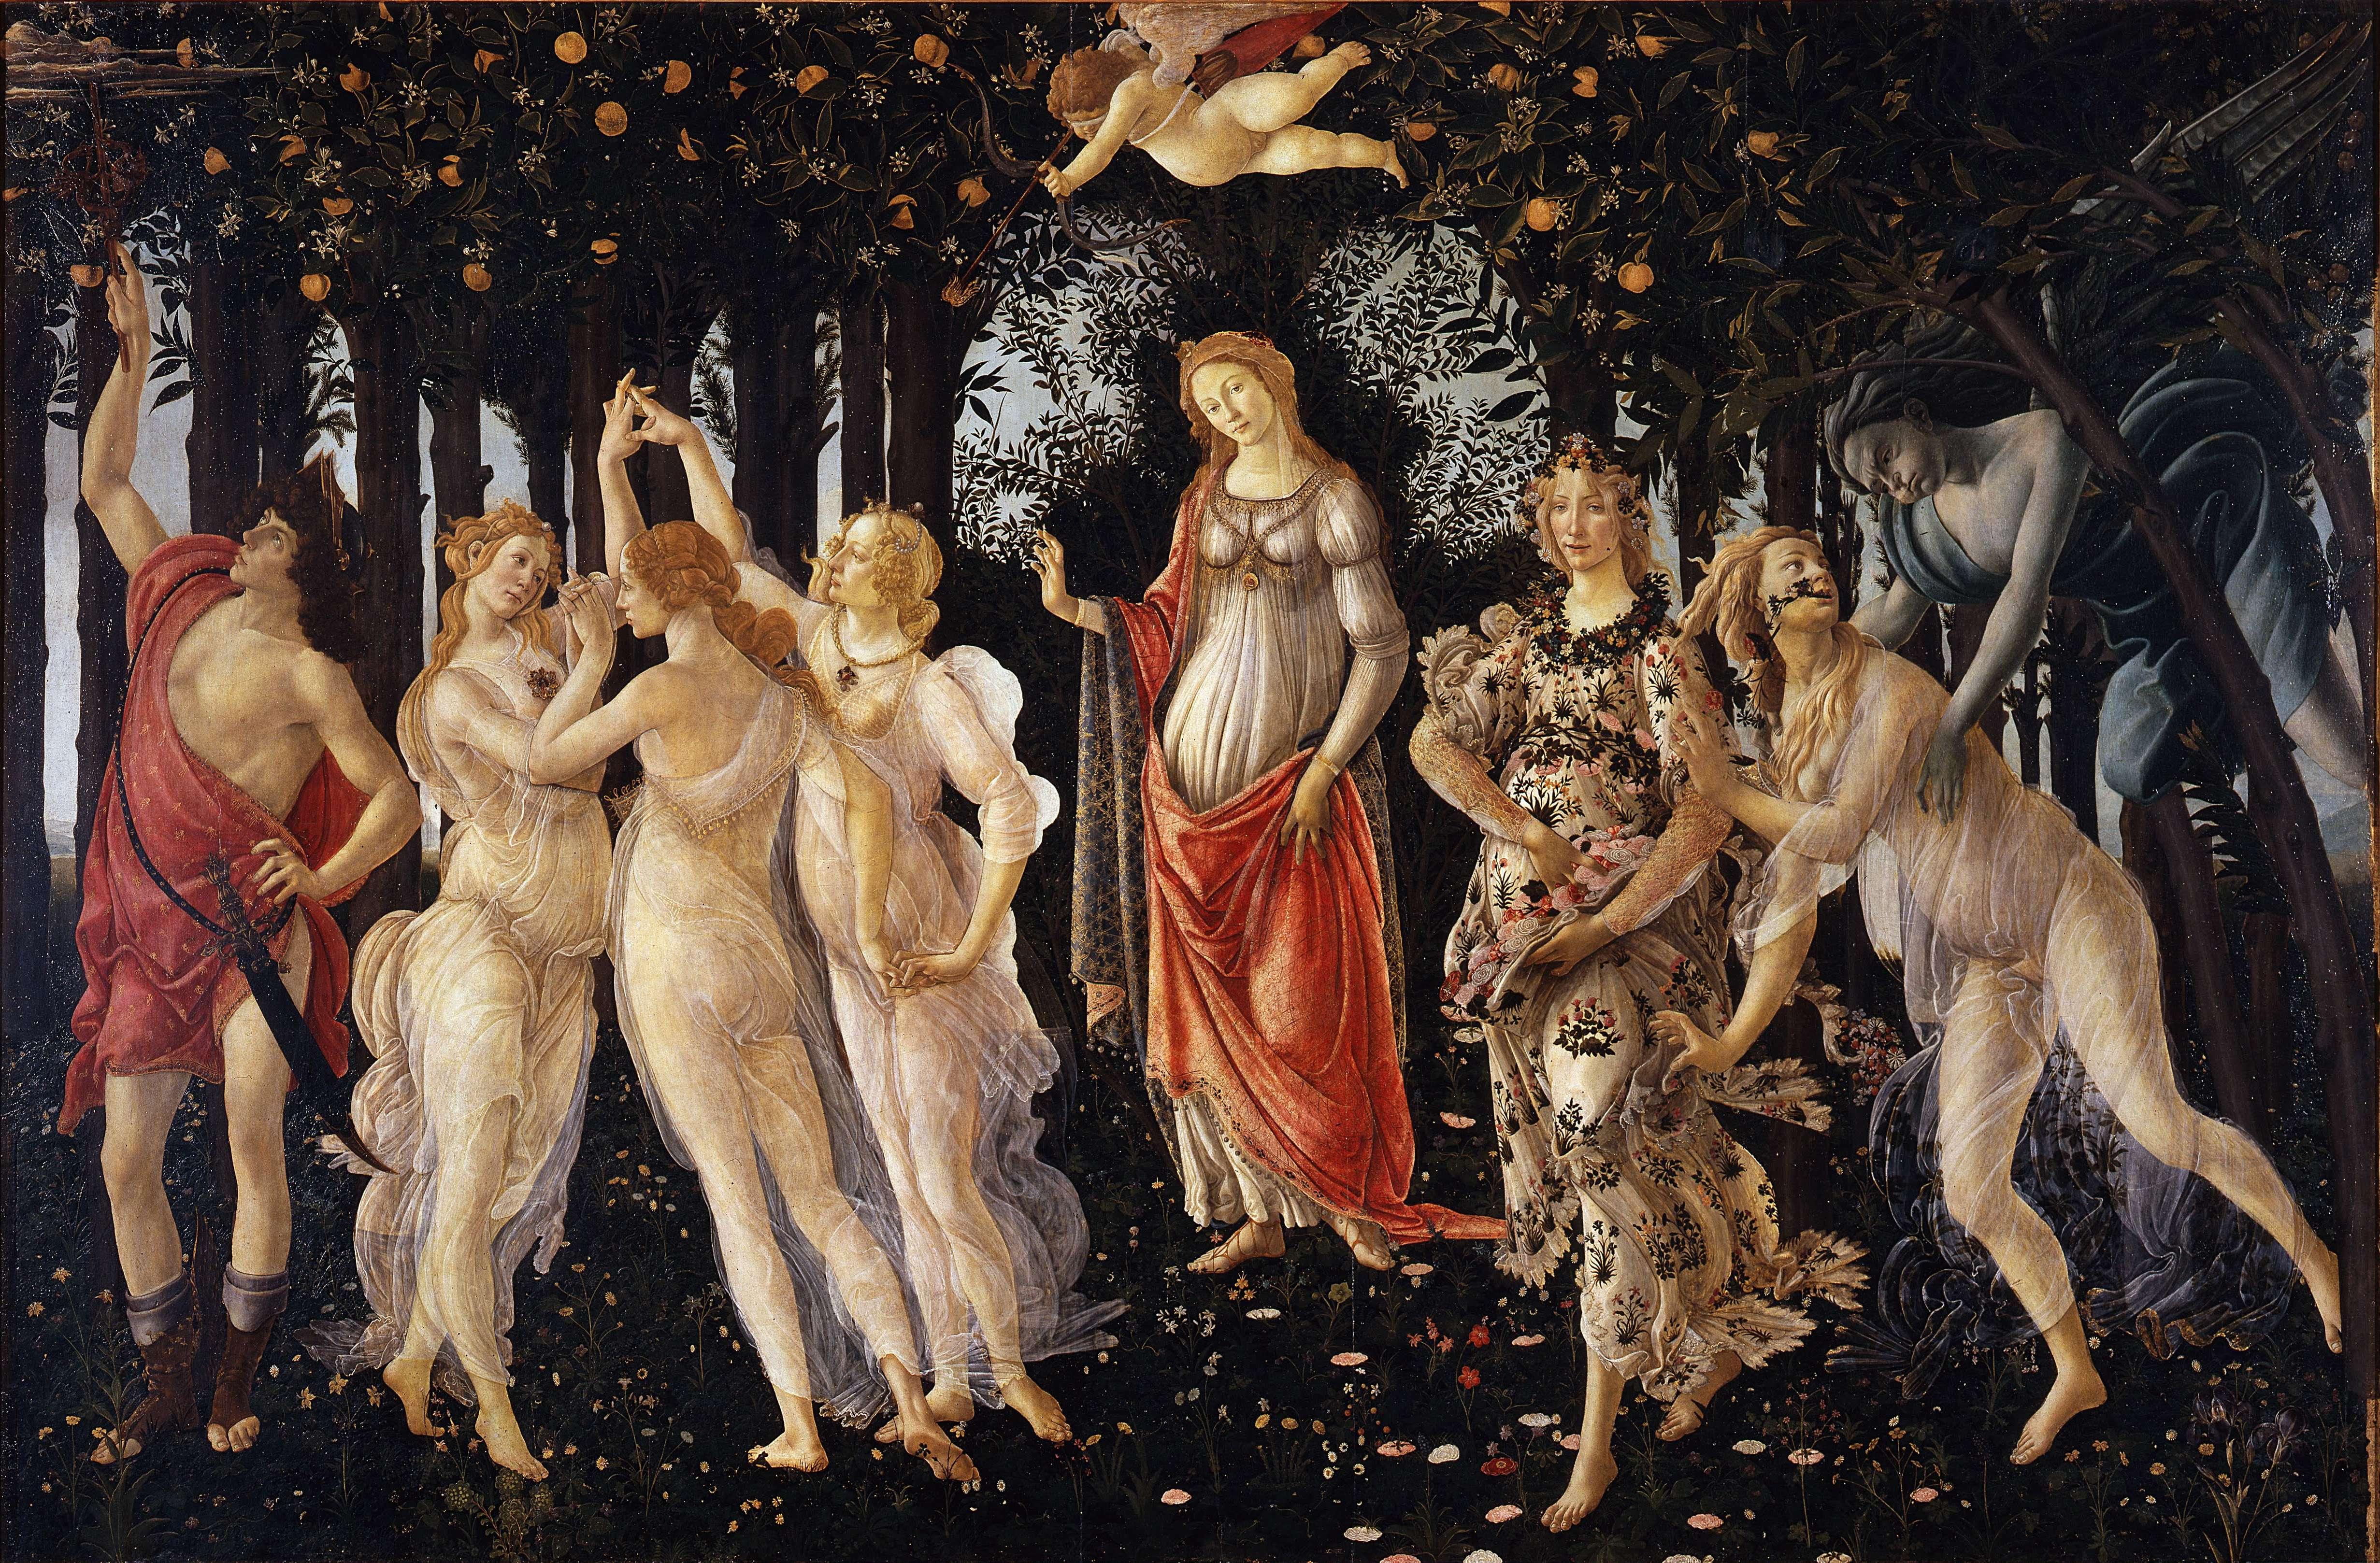 Σάντρο Μποττιτσέλλι. Αλληγορία της Άνοιξης (περ. 1482). Στο κέντρο της σύνθεσης δεσπόζει η μορφή της Αφροδίτης, ενώ πάνω από το κεφάλι της, ο Έρωτας ρίχνει τα βέλη του με τα μάτια δεμένα. Στο αριστερό τμήμα του πίνακα διακρίνονται οι τρεις Χάριτες και ο Ερμής. Στο δεξί άκρο, ο Ζέφυρος κυνηγά τη νύμφη Χλωρίδα, δίπλα από την οποία βρίσκεται η θεά των λουλουδιών Φλώρα.